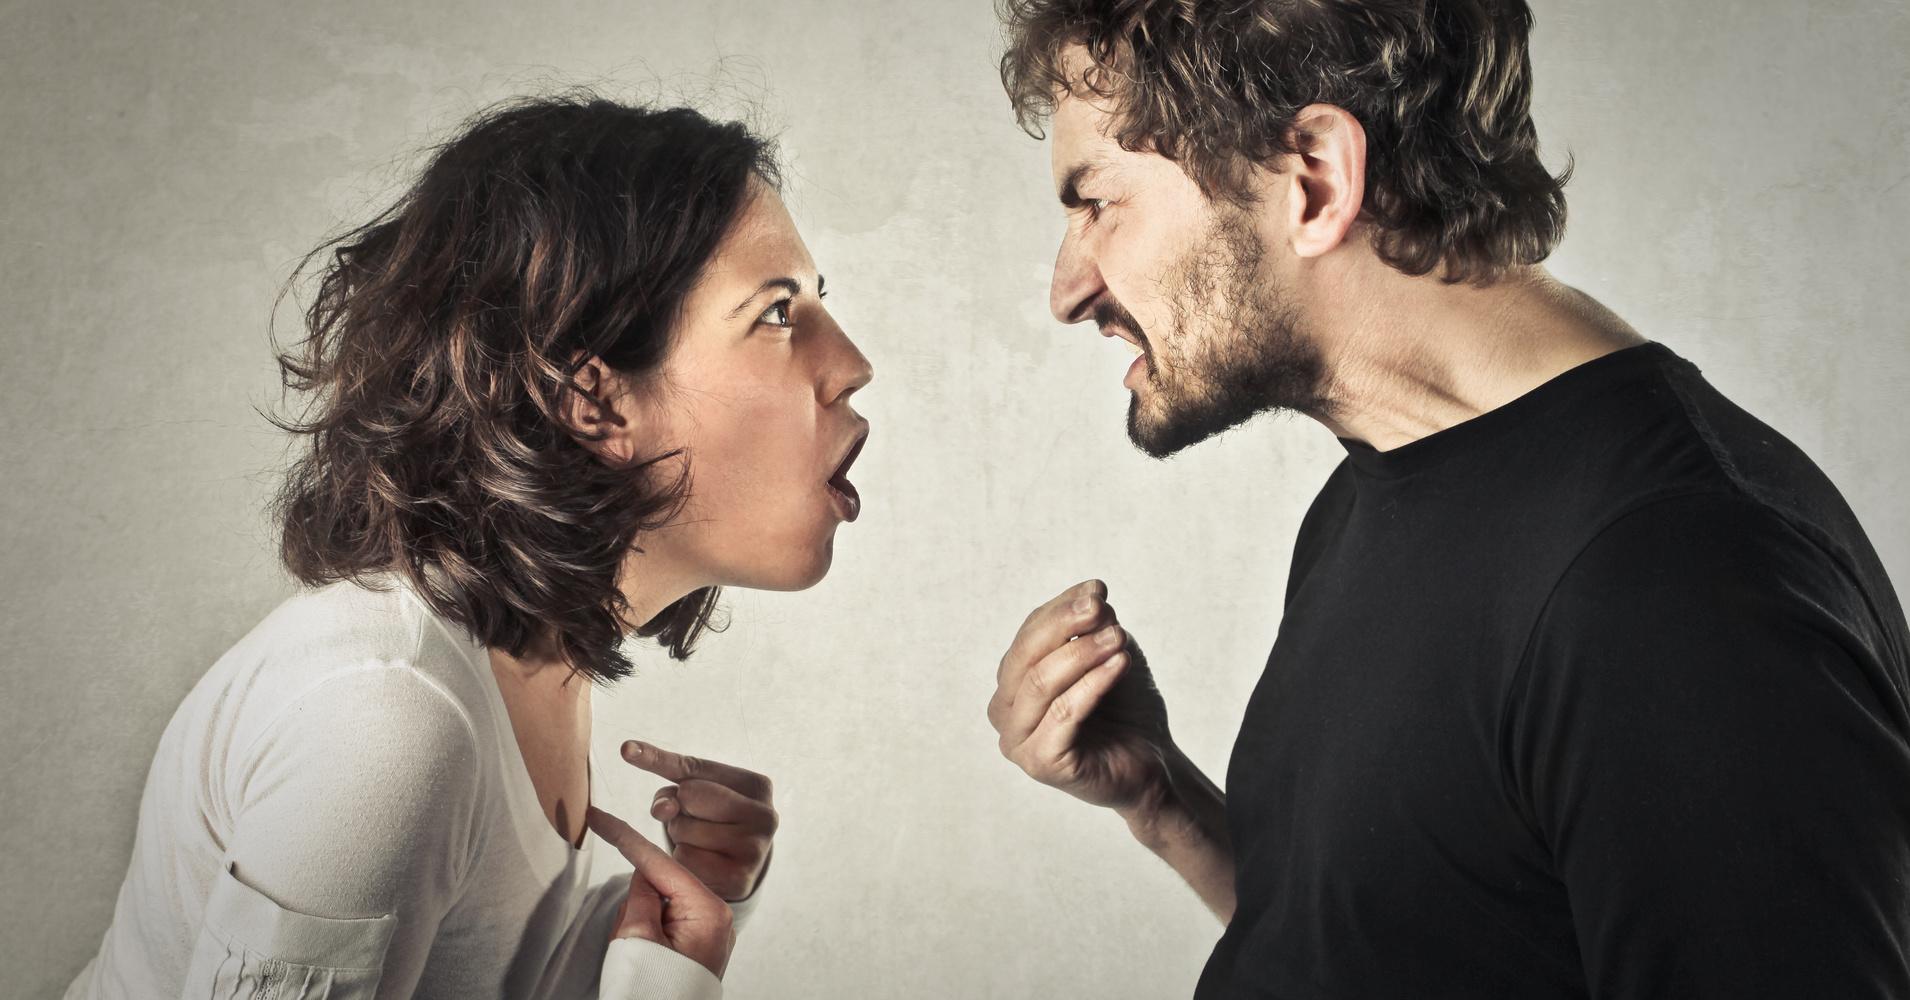 Discussões frequentes destroem a relação